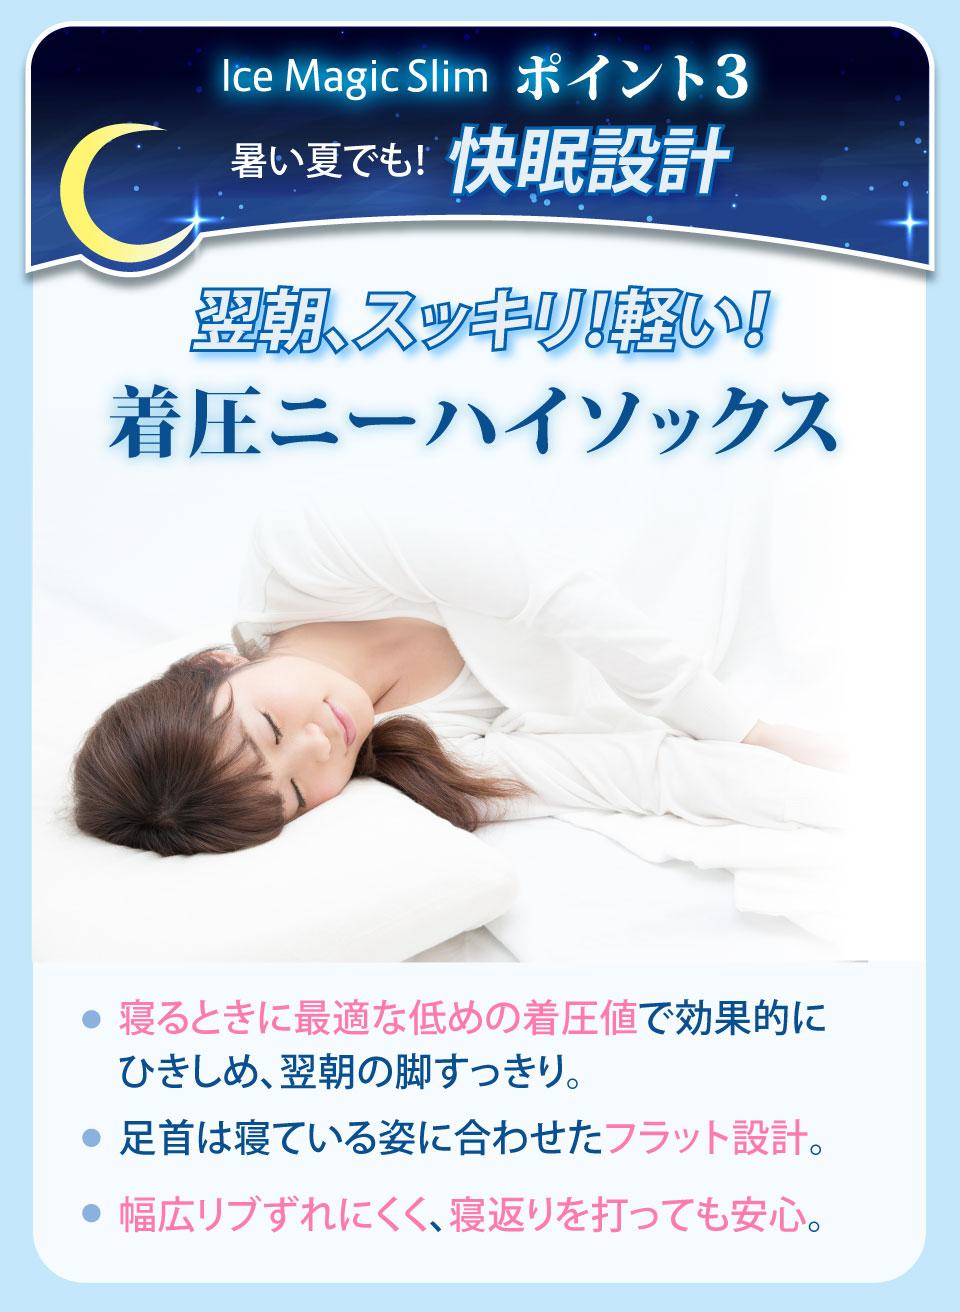 寝る時でもずれにくい・締め付けすぎない快眠設計でぐっすり眠れる